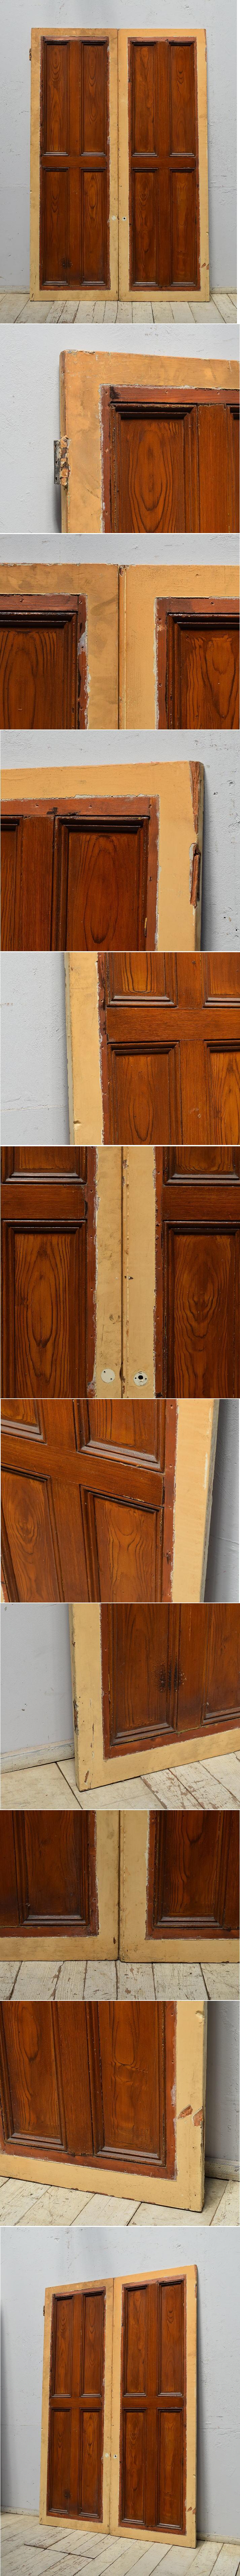 イギリス アンティーク カップボード 扉 ディスプレイ 建具 6868